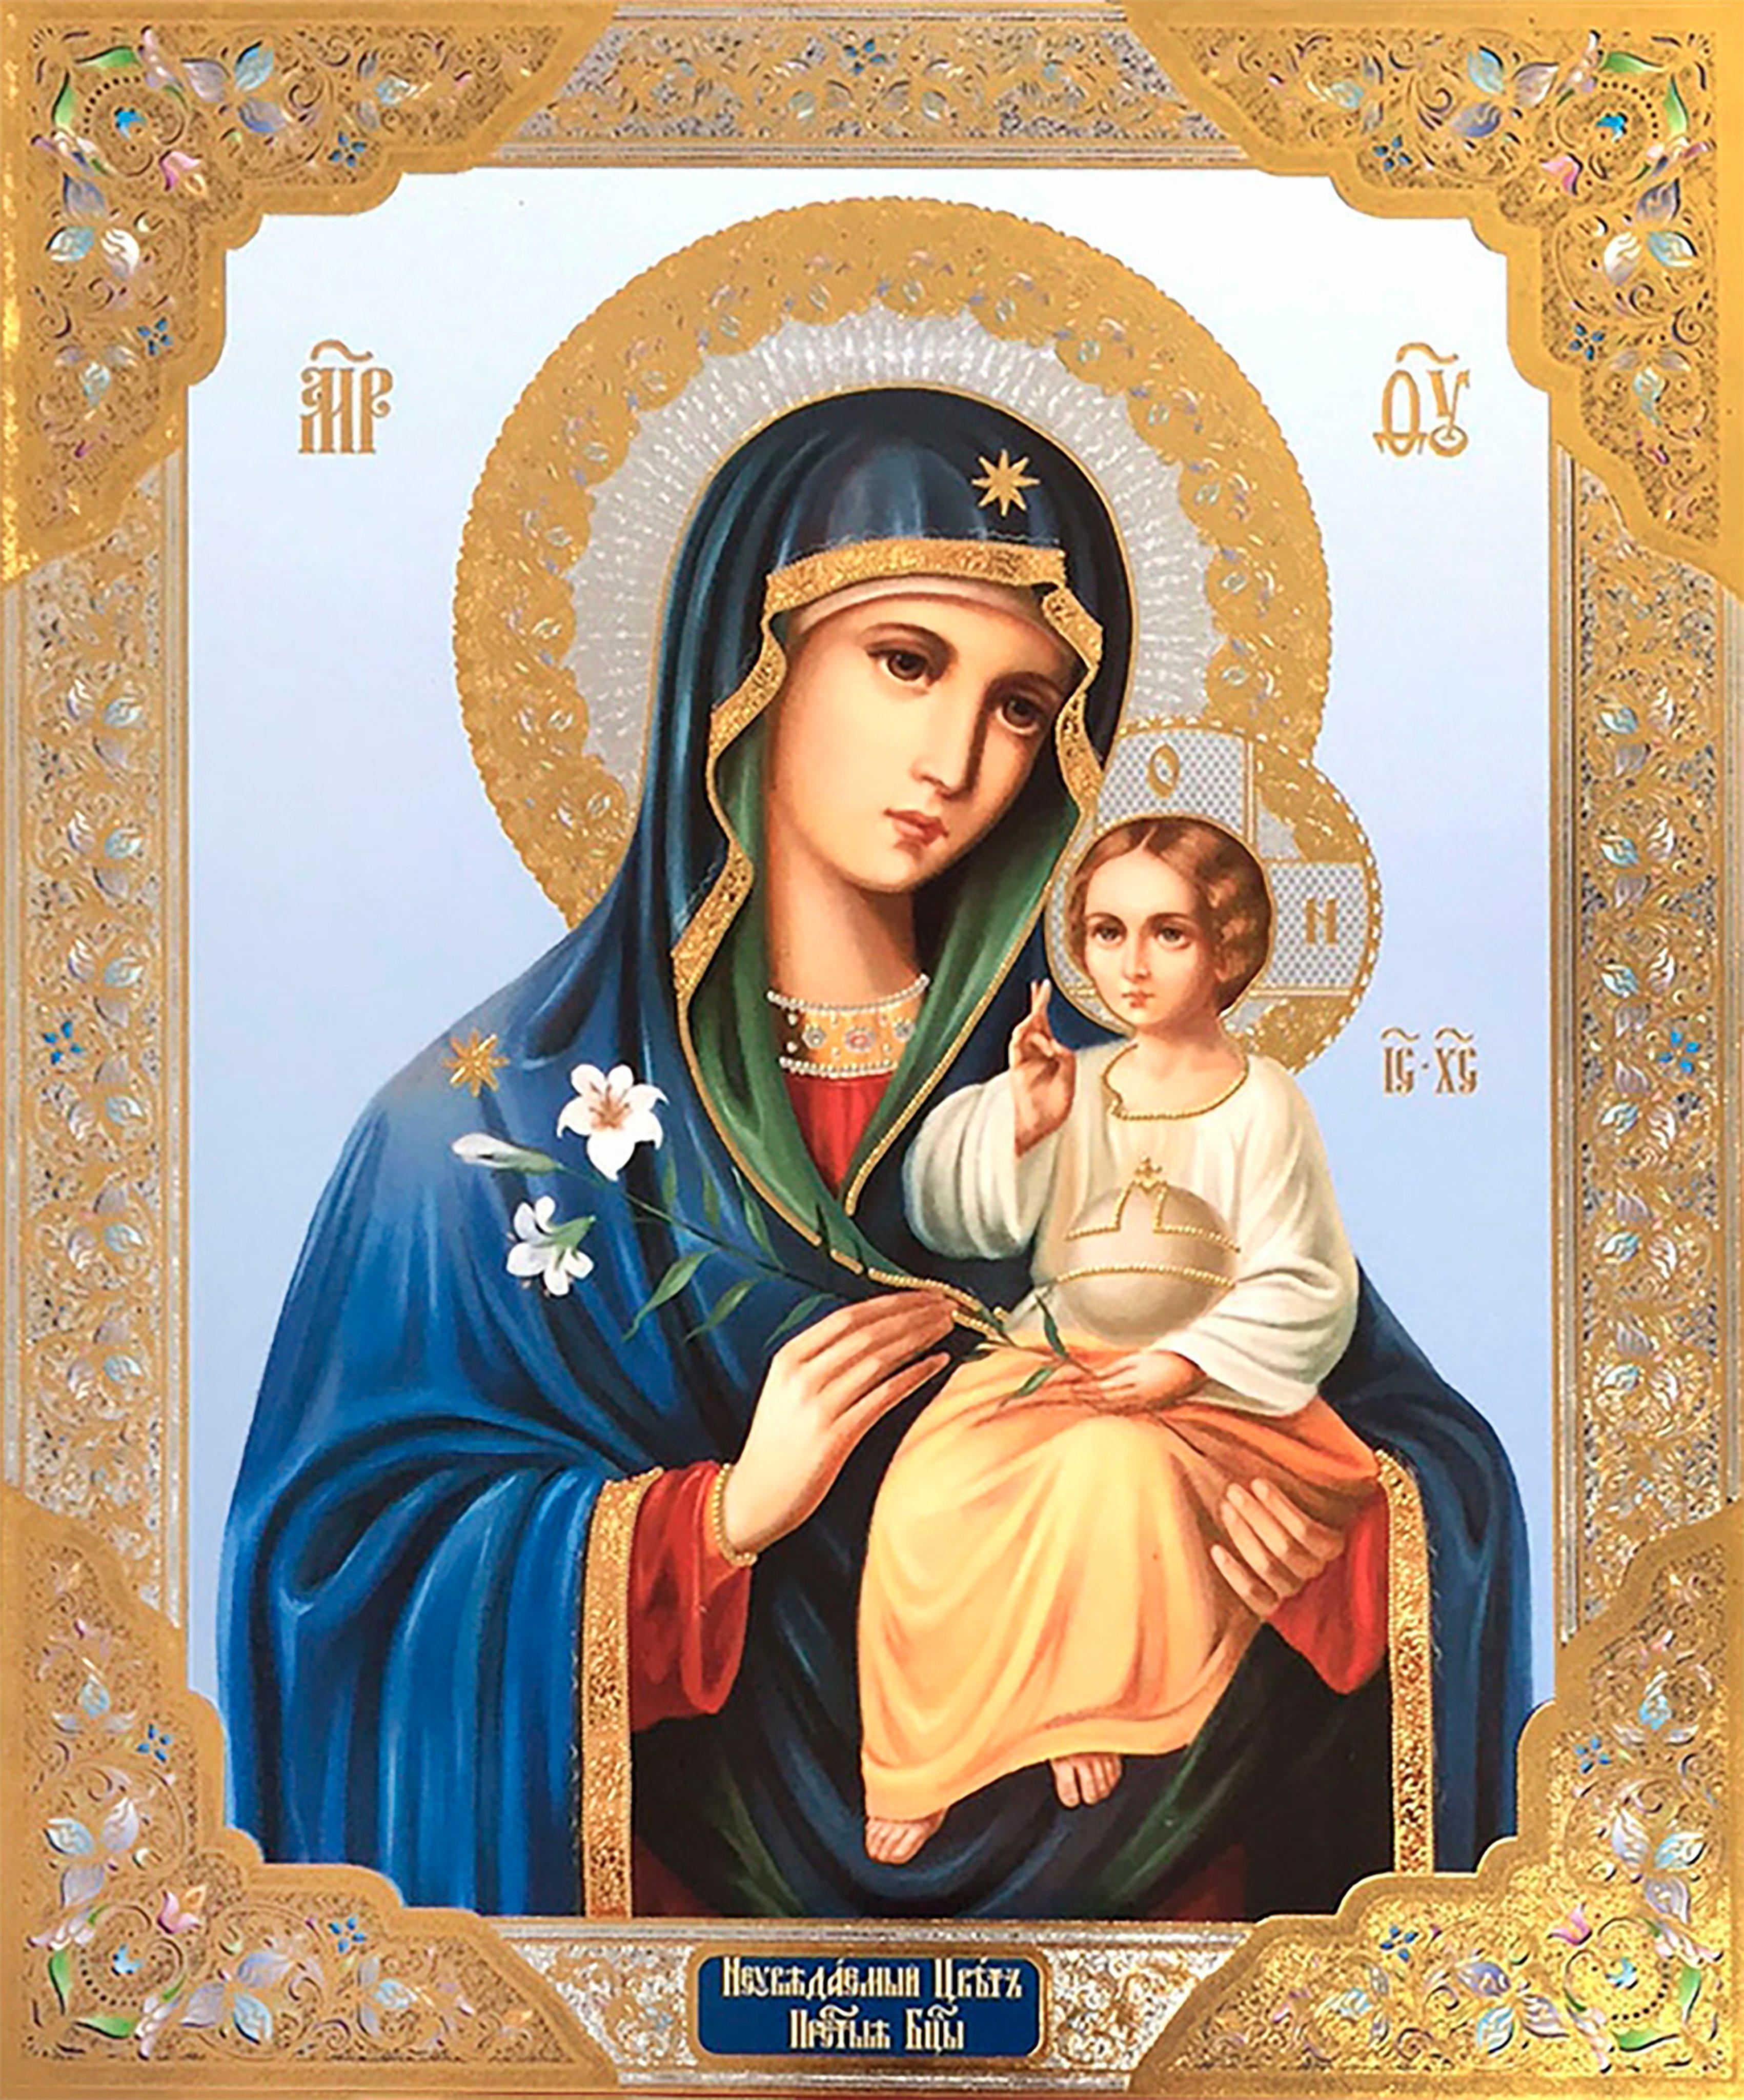 Ícone da Virgem Maria com o Menino Jesus